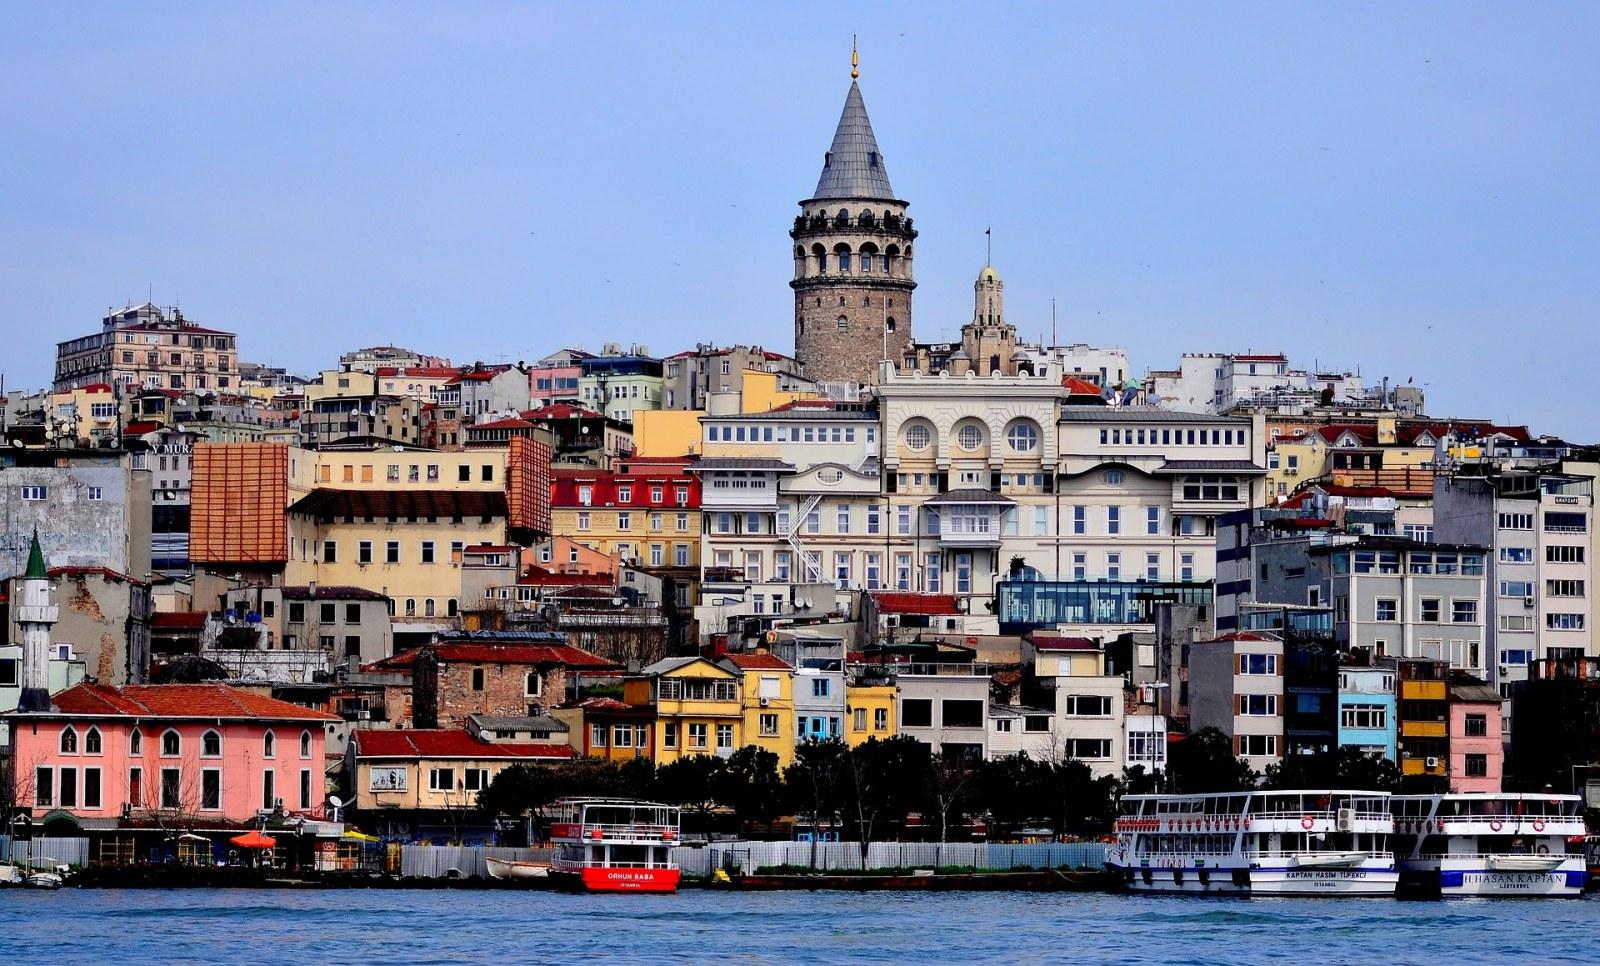 Mosque cami, Istanbul, Turkey, Pixabay.com